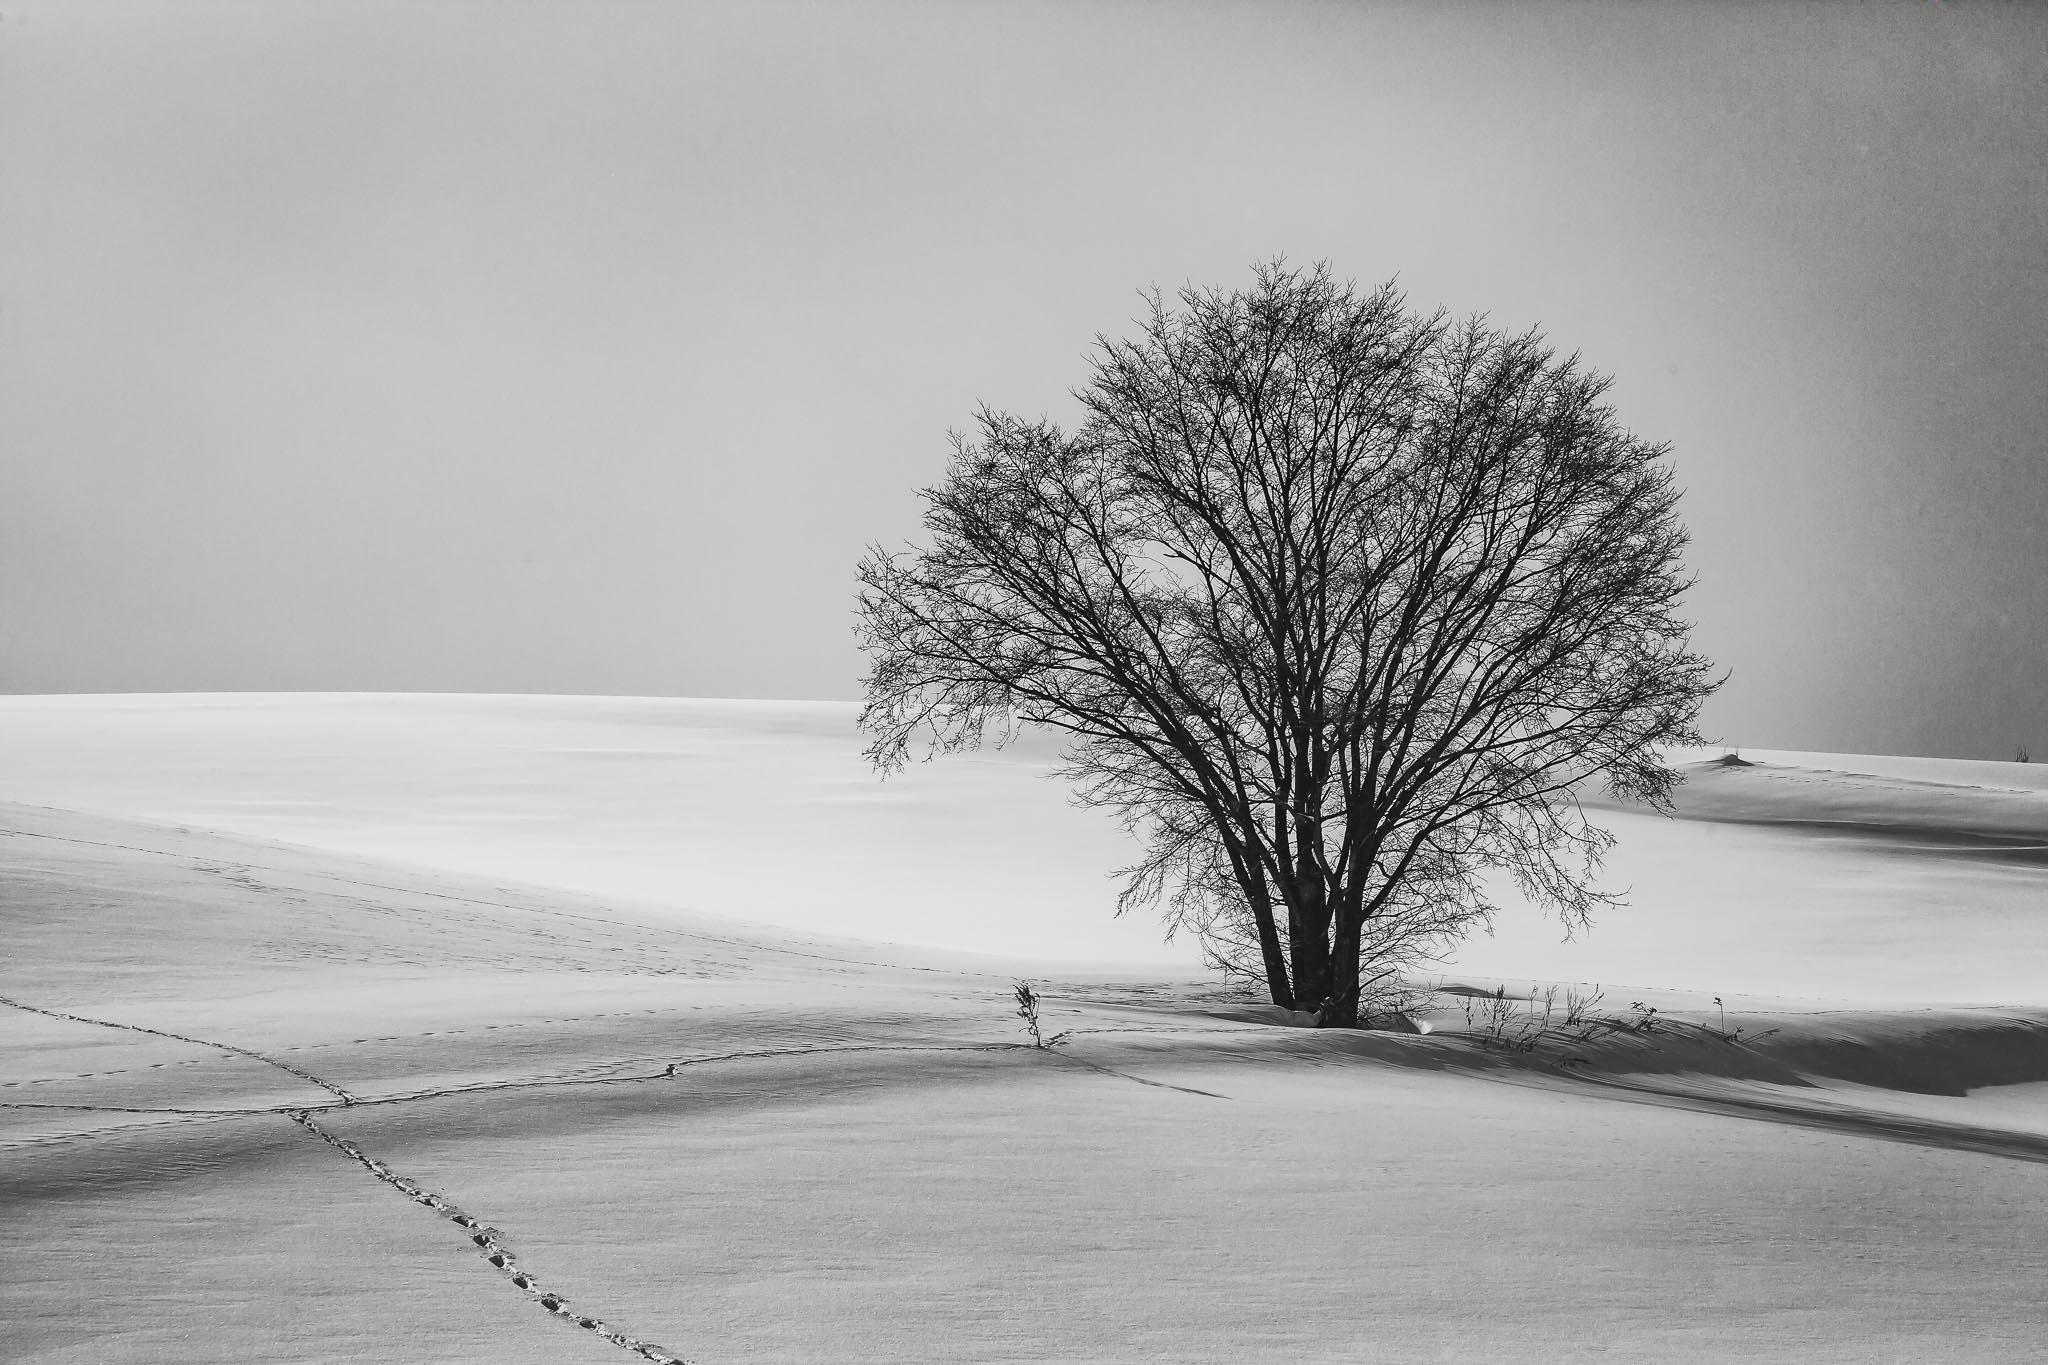 Biei Snowscapes Winter